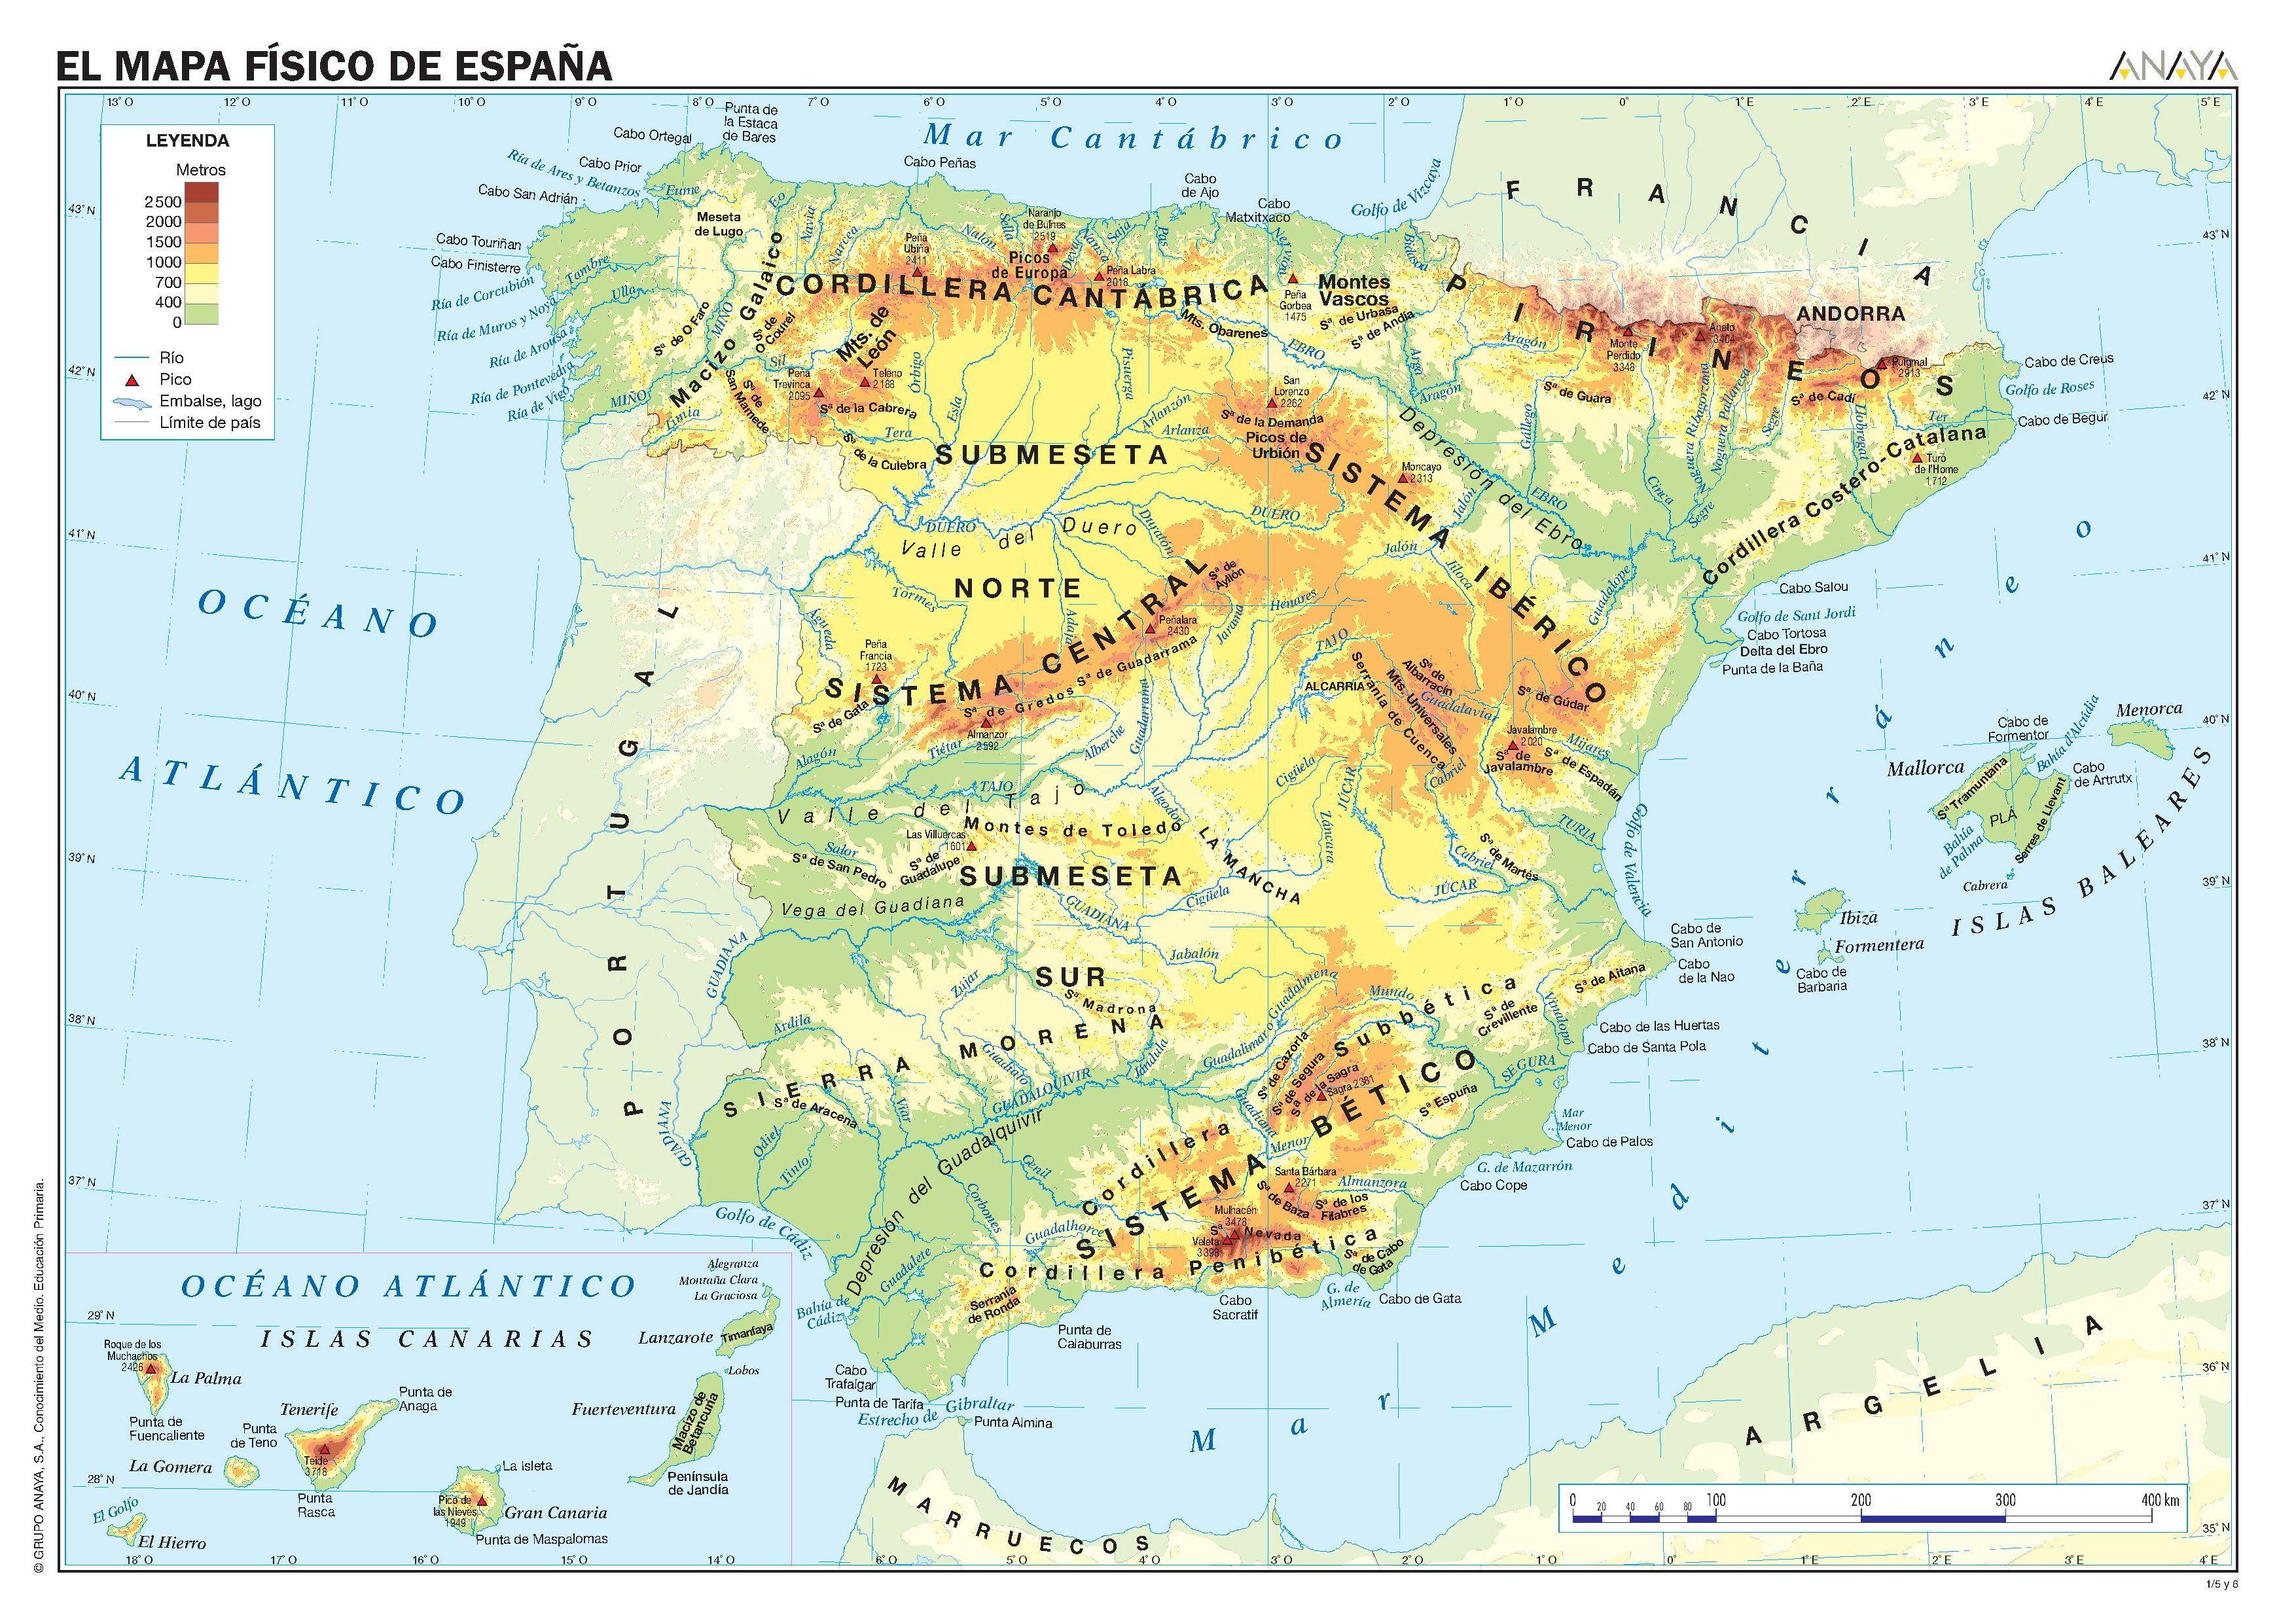 Mapas De Espana Fisicos Politicos Y Mudos Mapa Fisico De